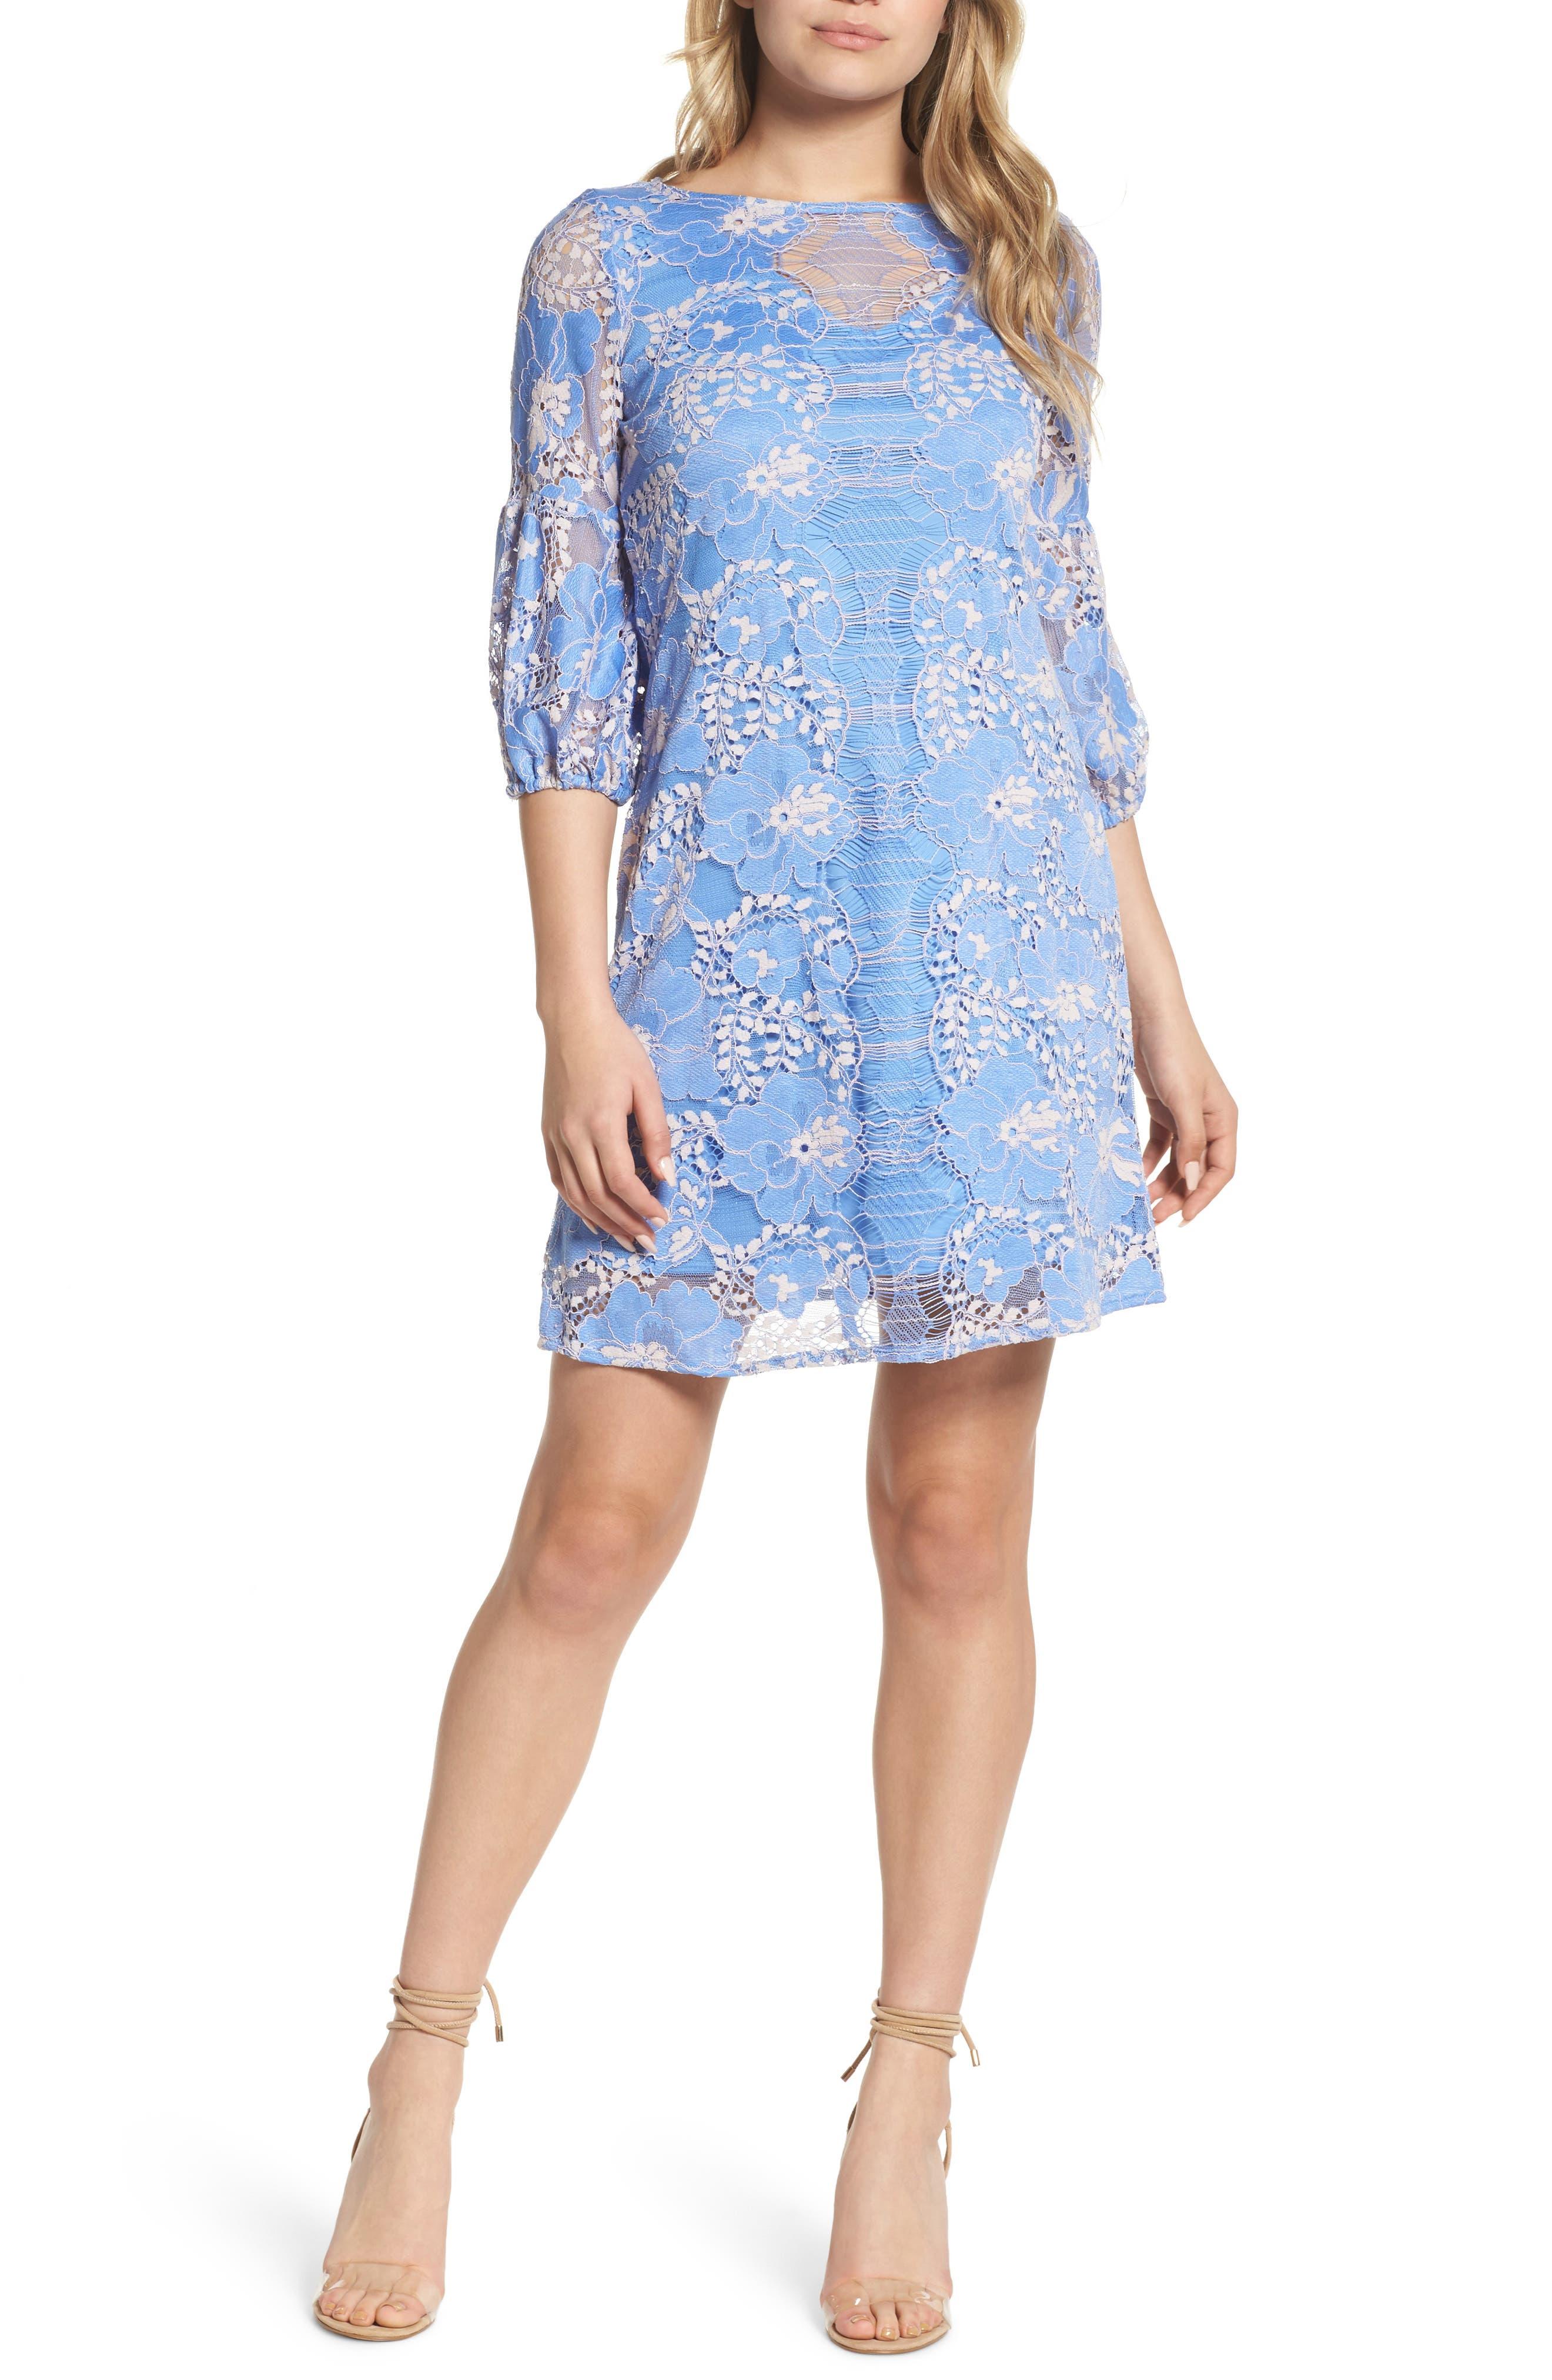 Gabby Skye Lace Shift Dress